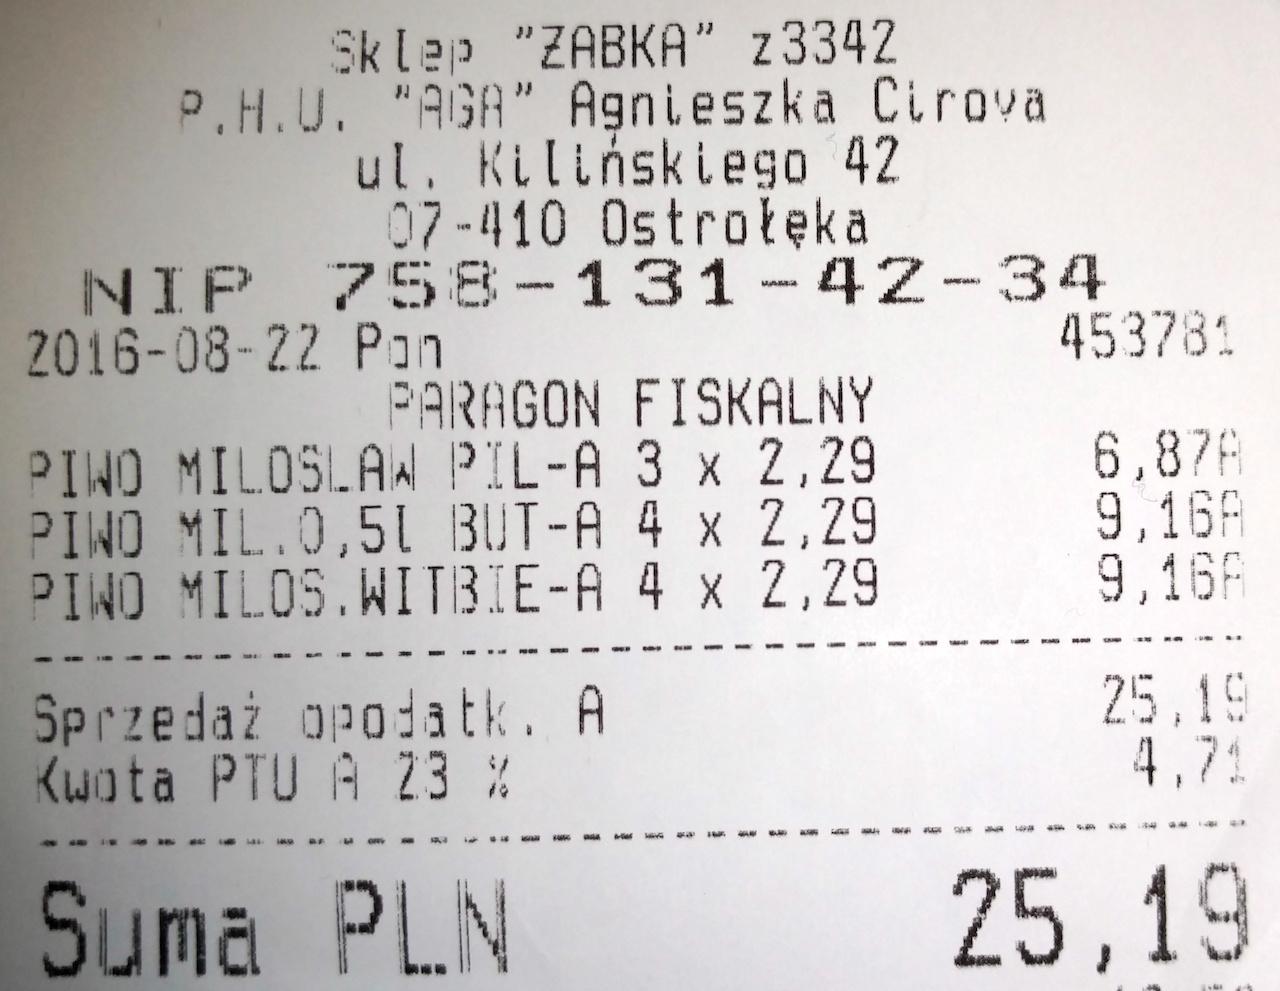 Piwo Miłosław 0,5l po 2,29zł (różne rodzaje) @ Żabka